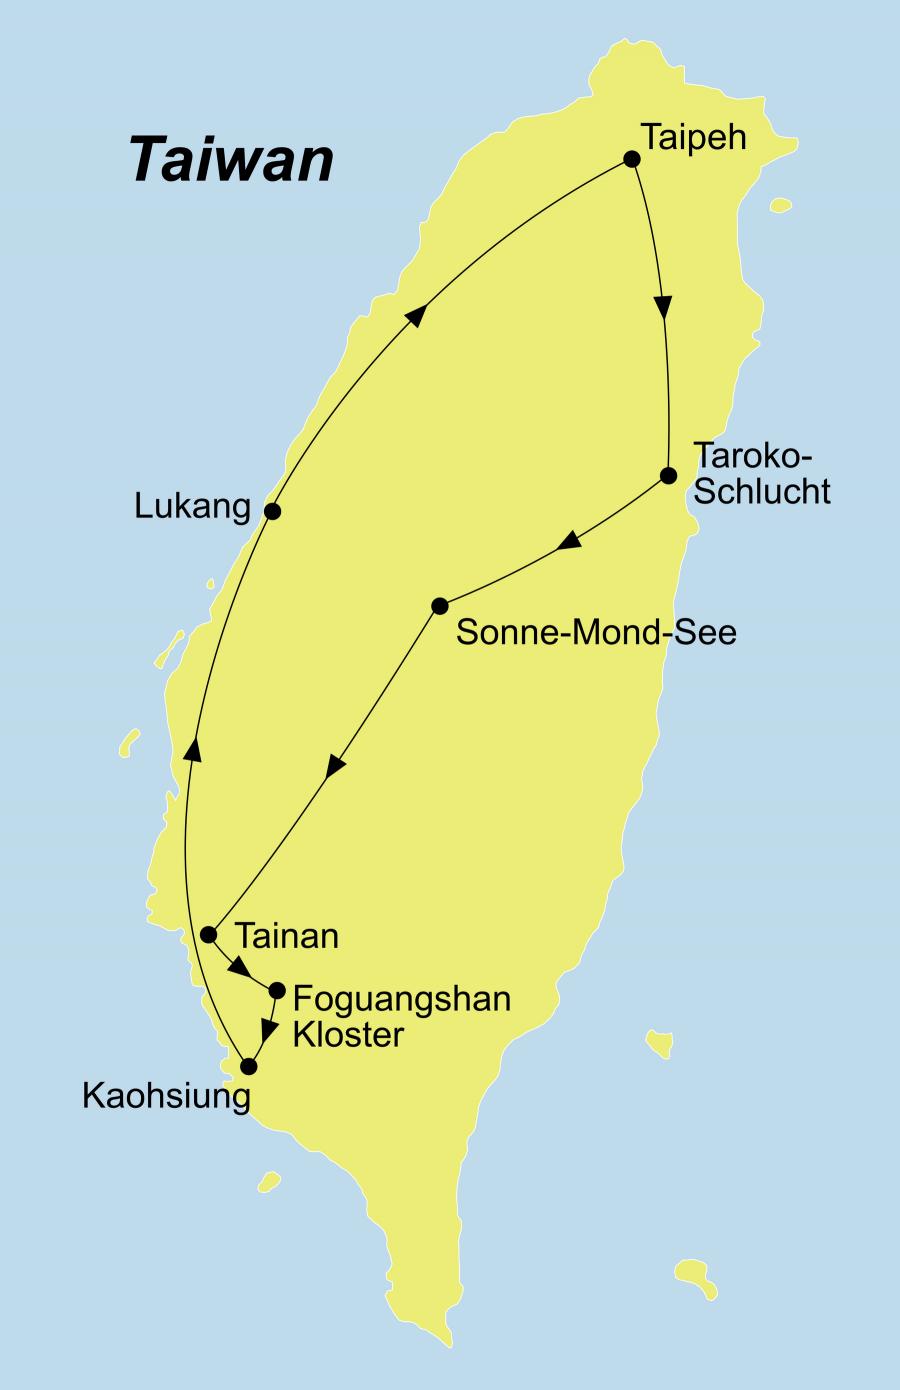 Der Reiseverlauf zu unserer Taiwan Rundreise führt von Taiphe über Sonne-Mond-See über Lukang.